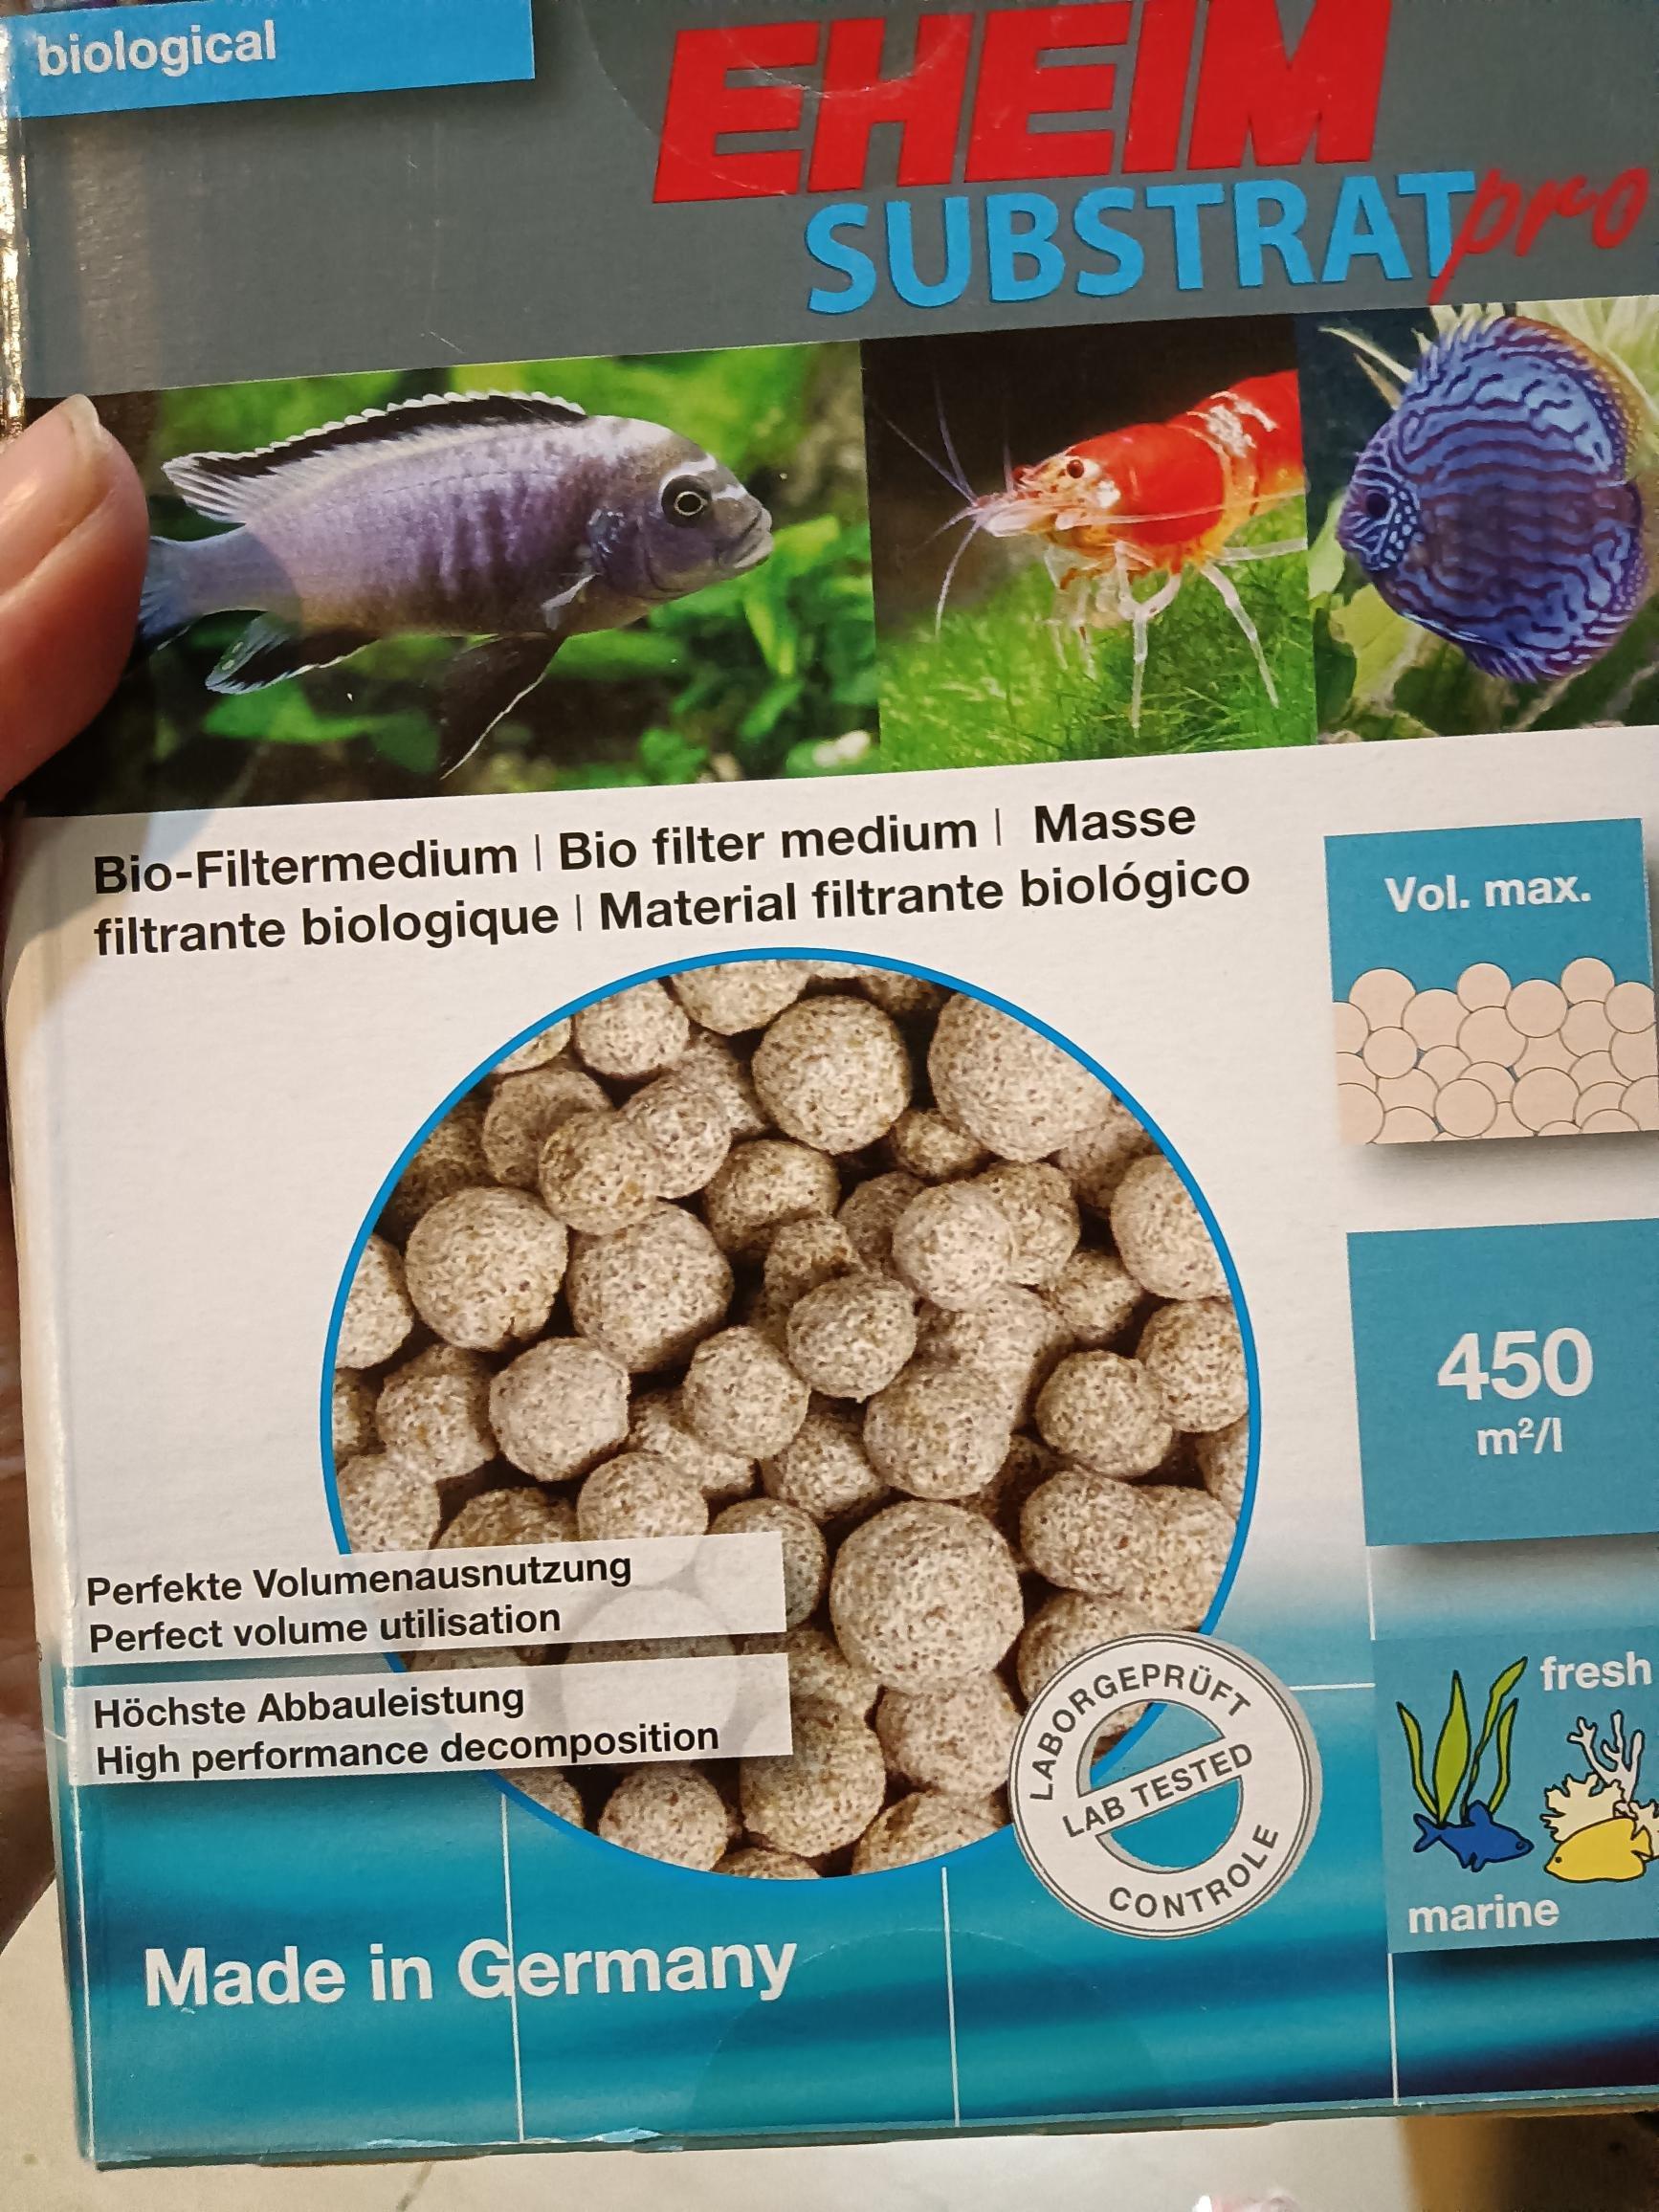 現貨 德國 EHEIM 伊罕 石英球 1L 陶瓷環 原廠包裝 過濾 培菌